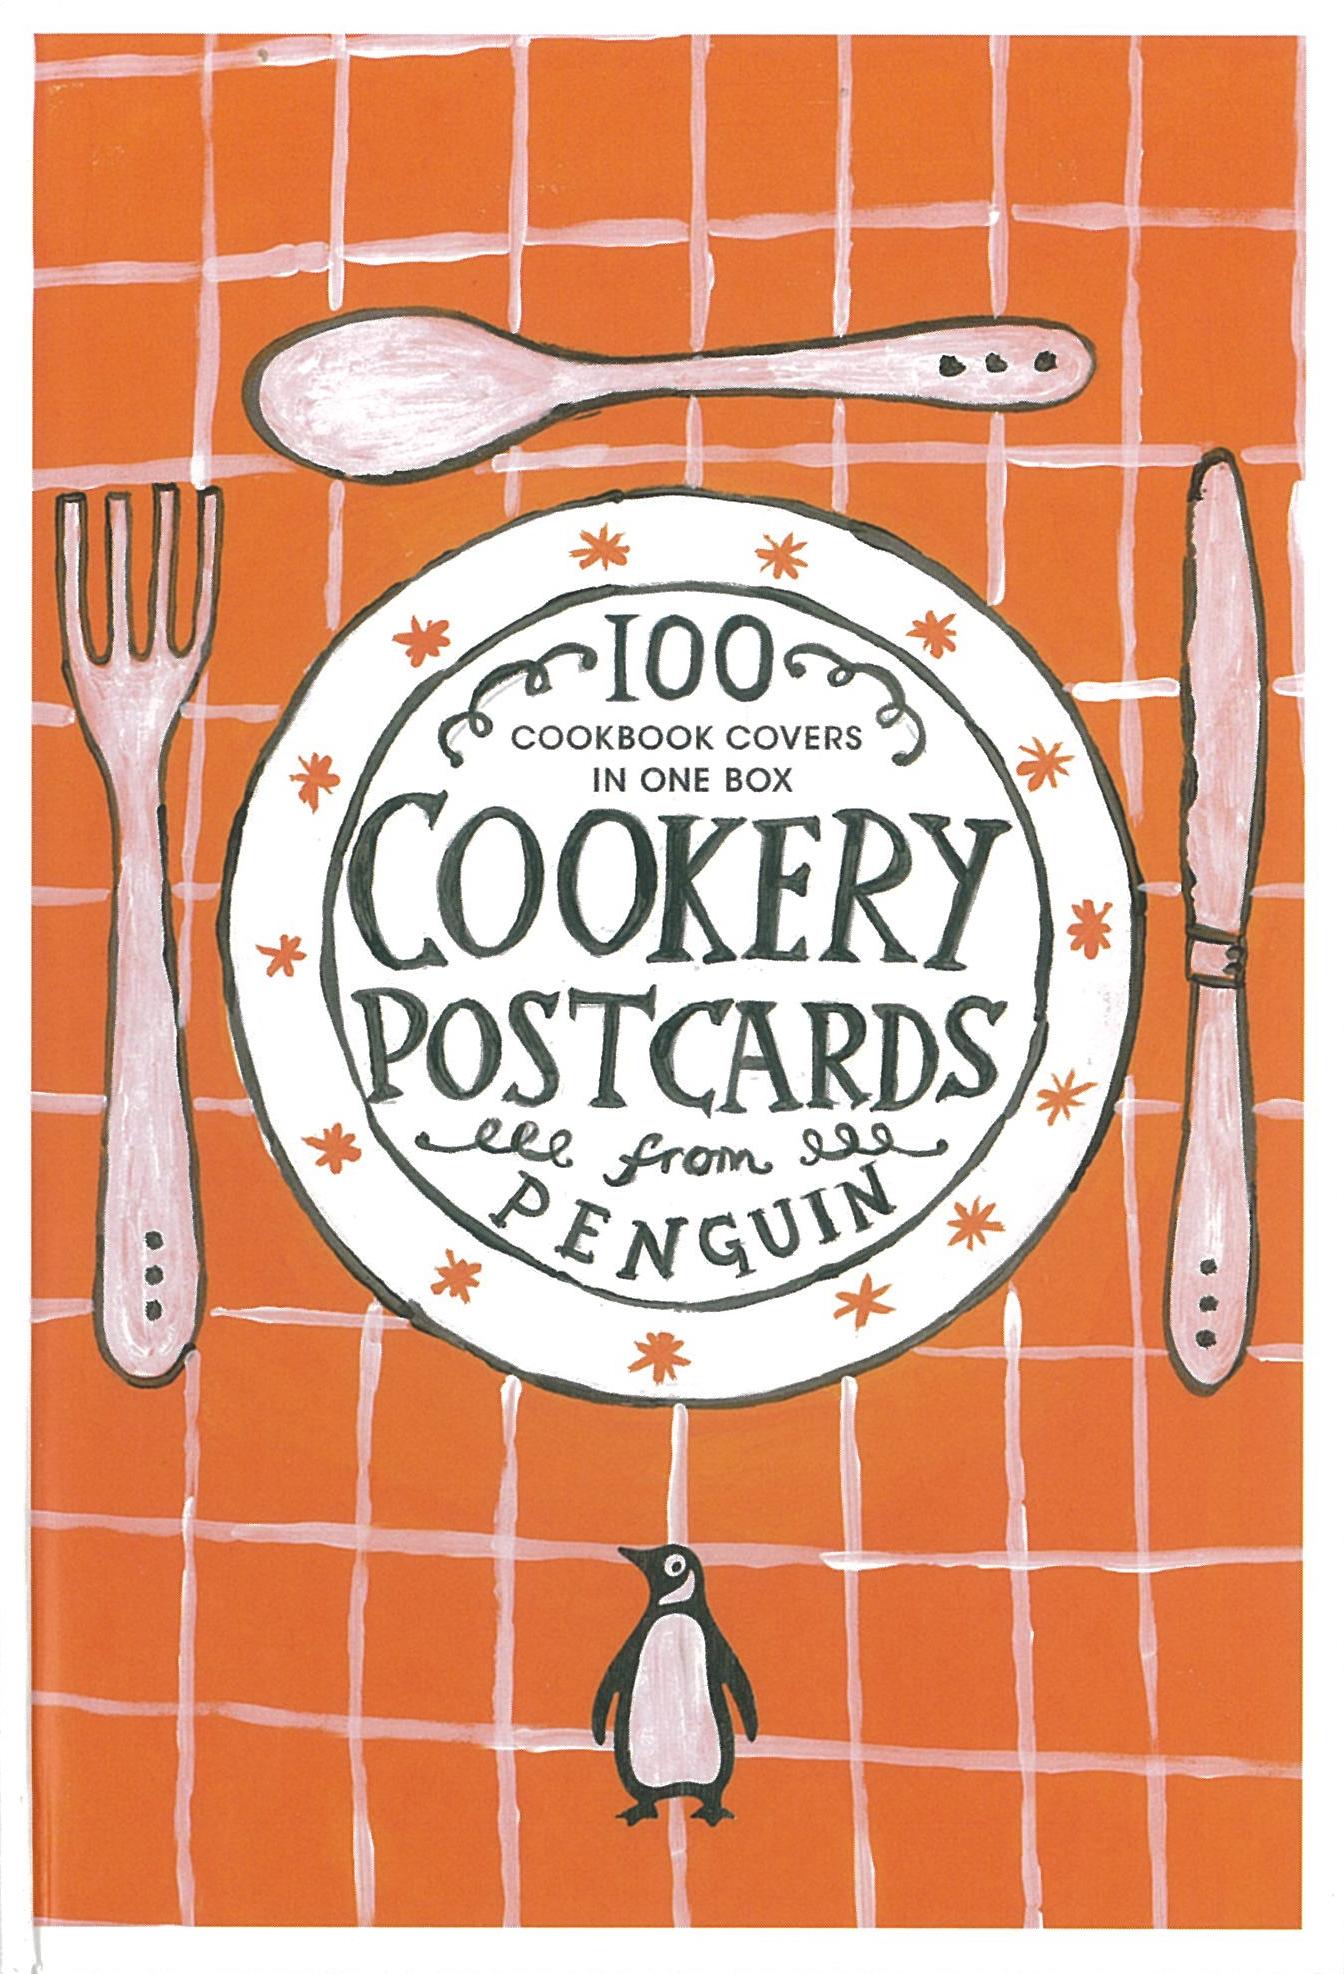 Vintage Penguin Book Cover Postcards : Les cookery postcards de penguin